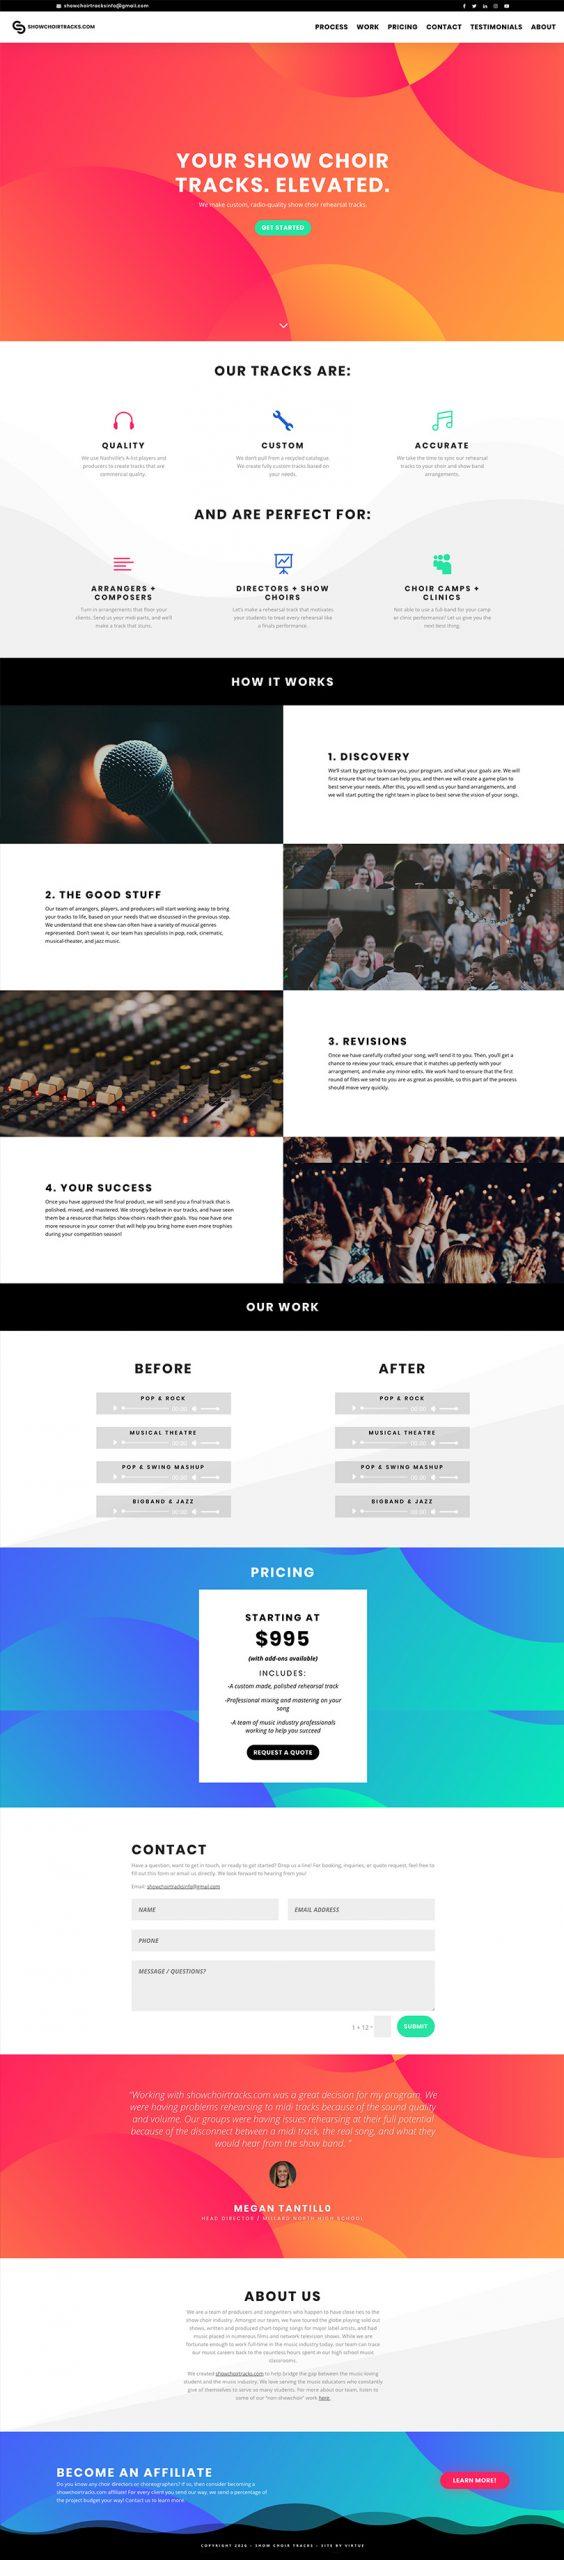 tn web site designer